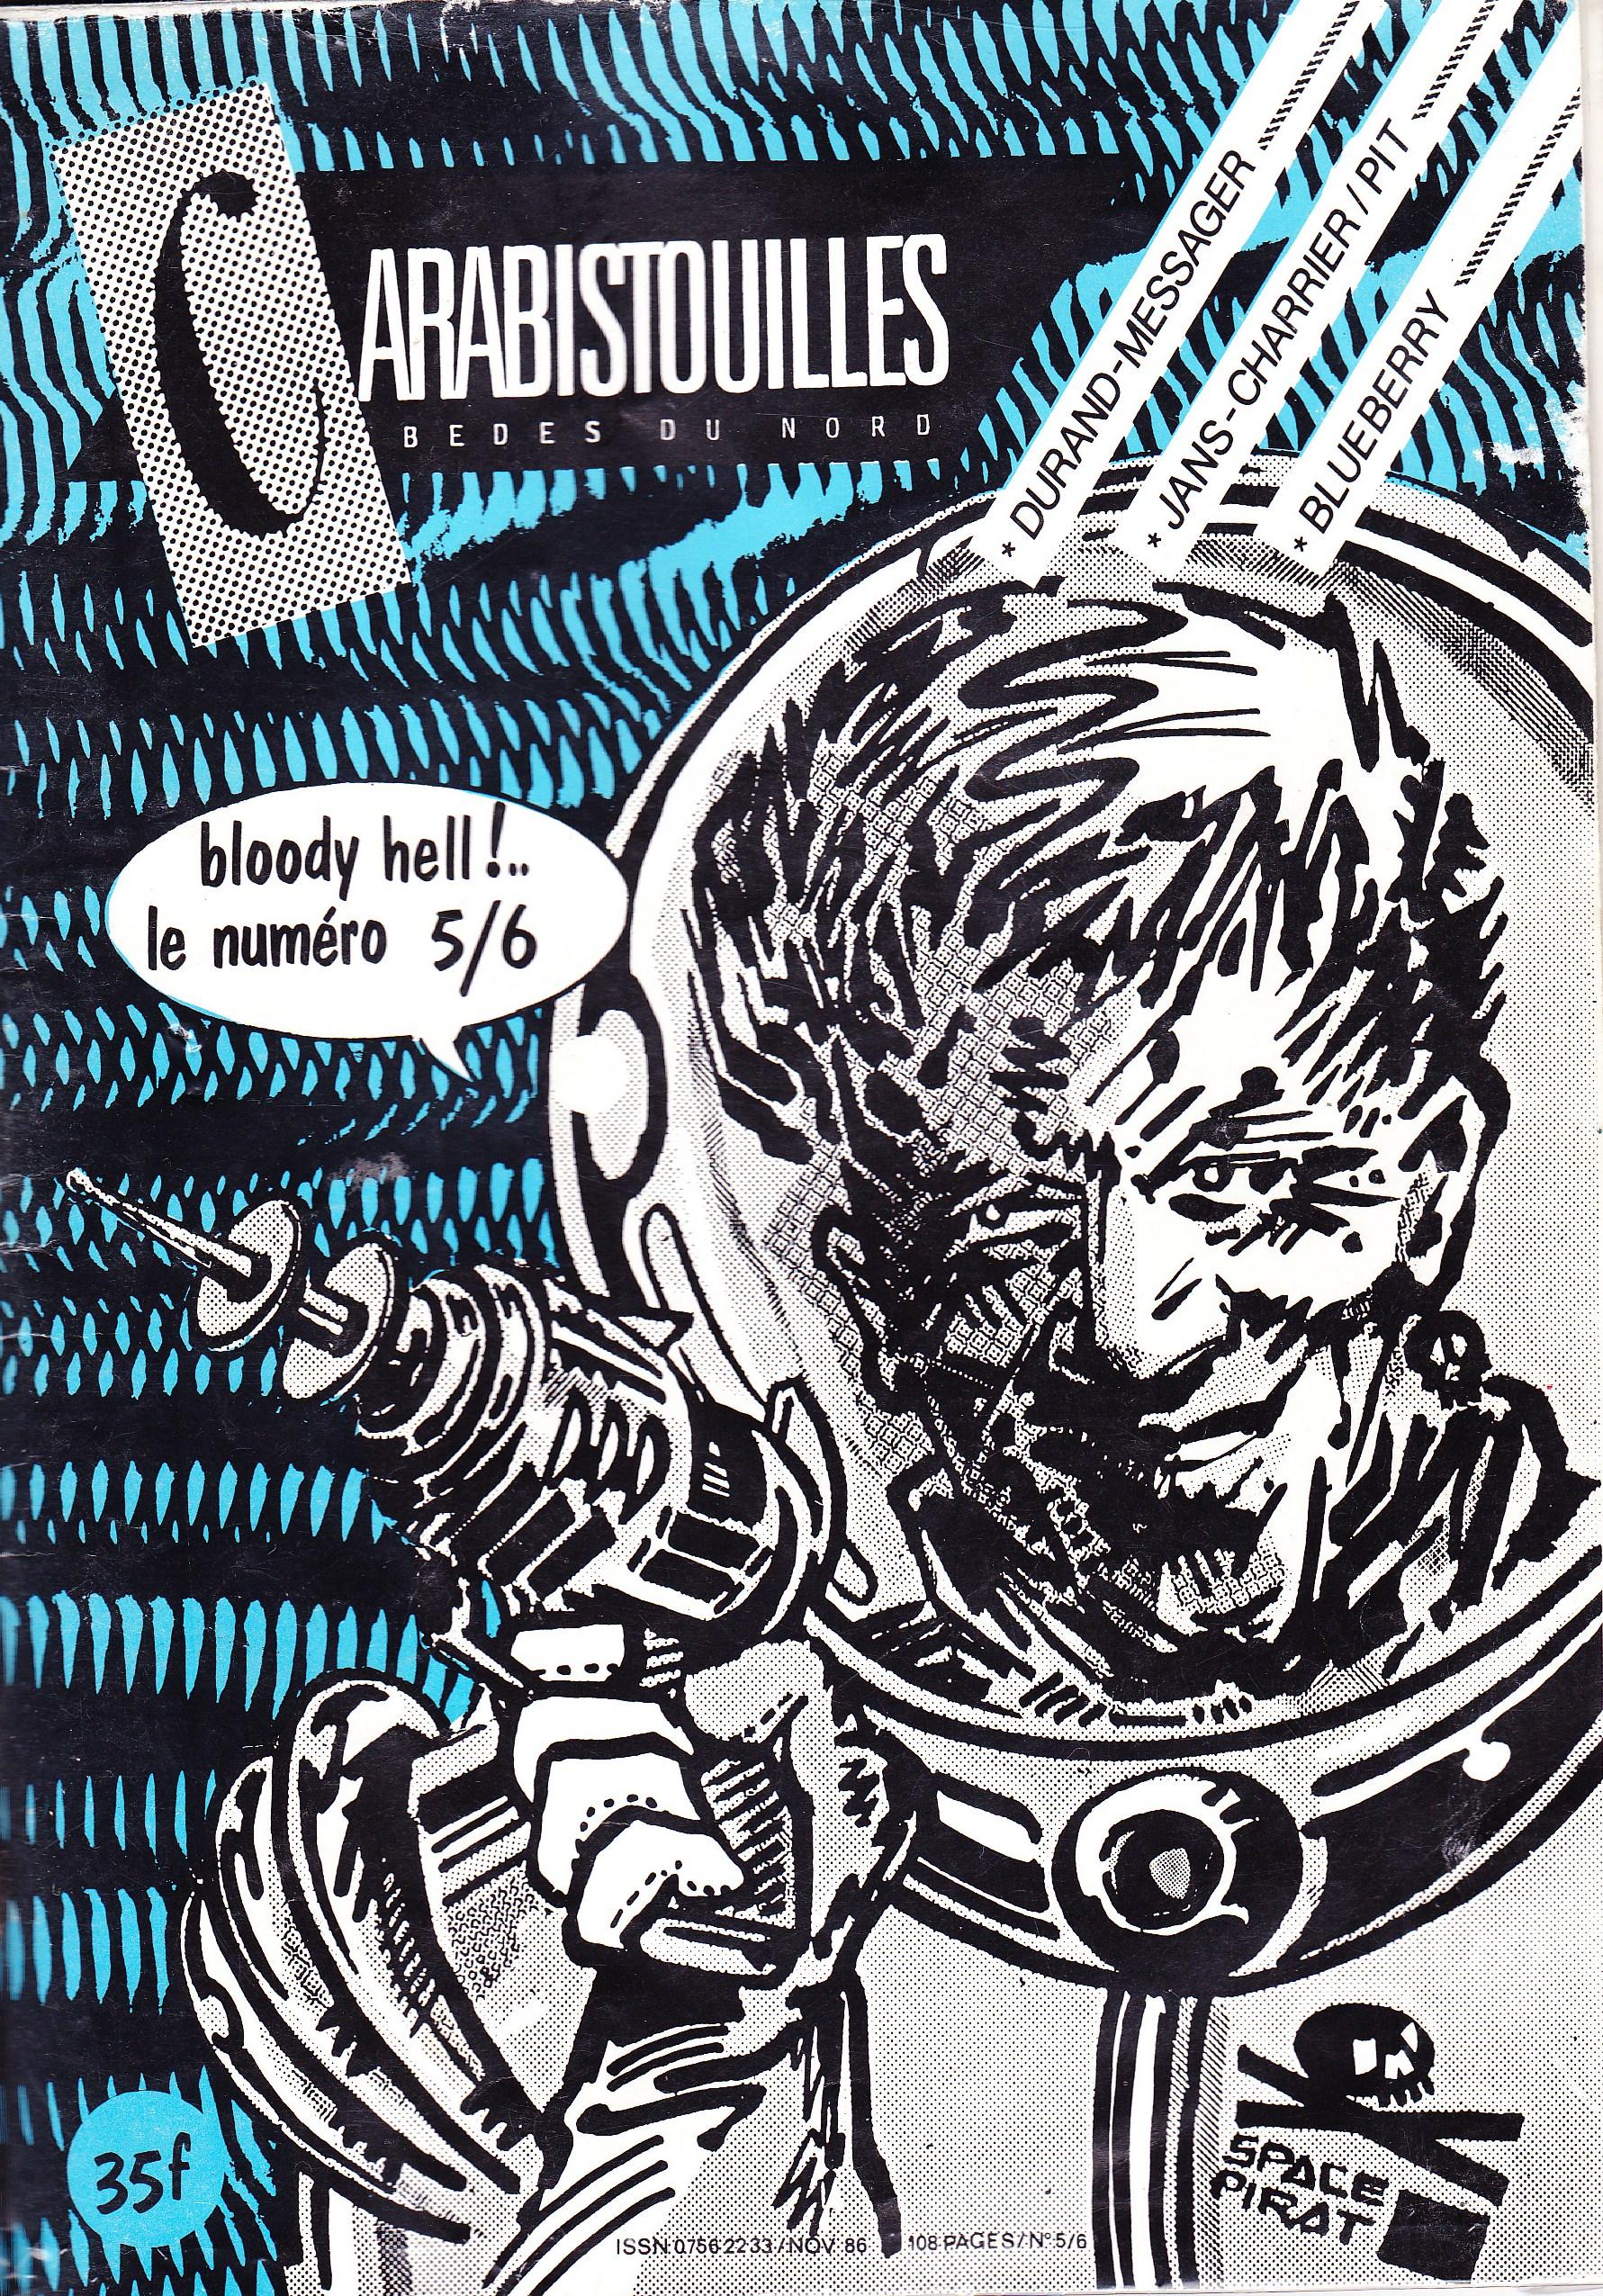 Carabistouilles - Bédés du nord 5 - Bloody Hell! Le numéro 5/6